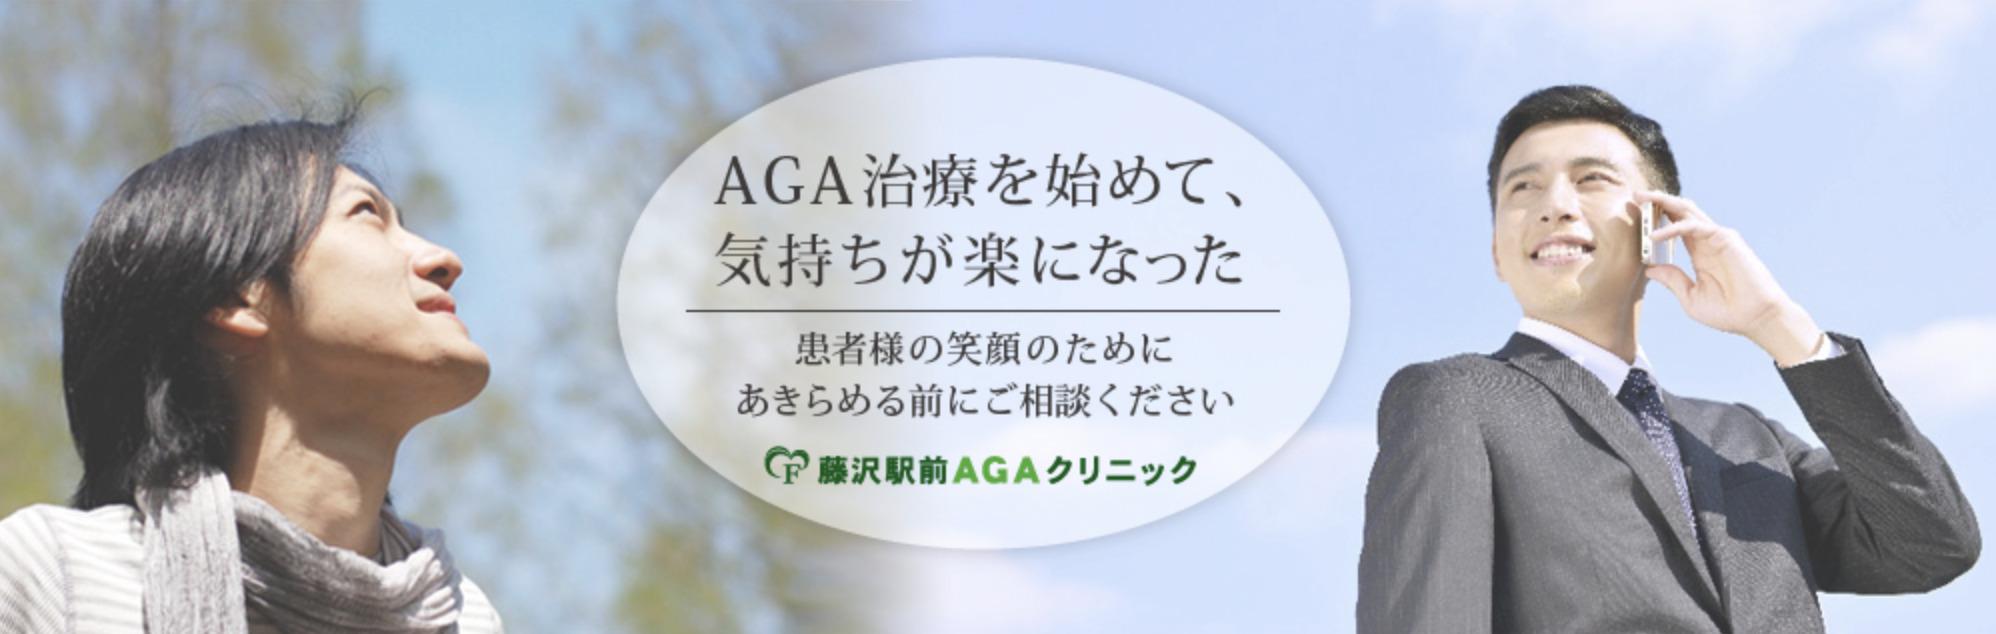 藤沢駅前AGAクリニックのイメージ